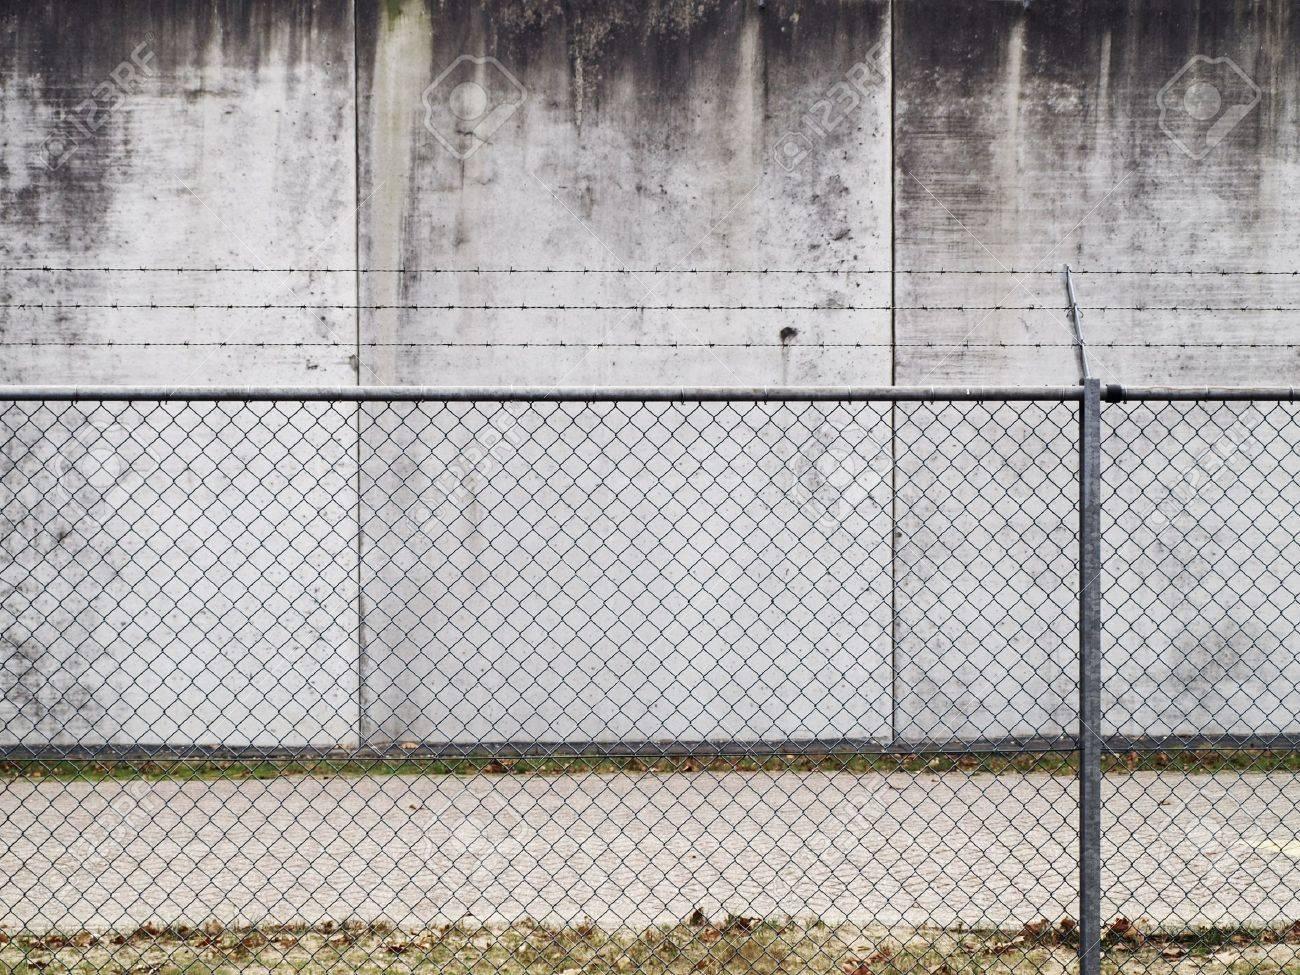 Una Valla De Alambre De Espino Y Muro De Hormign Fotos Retratos